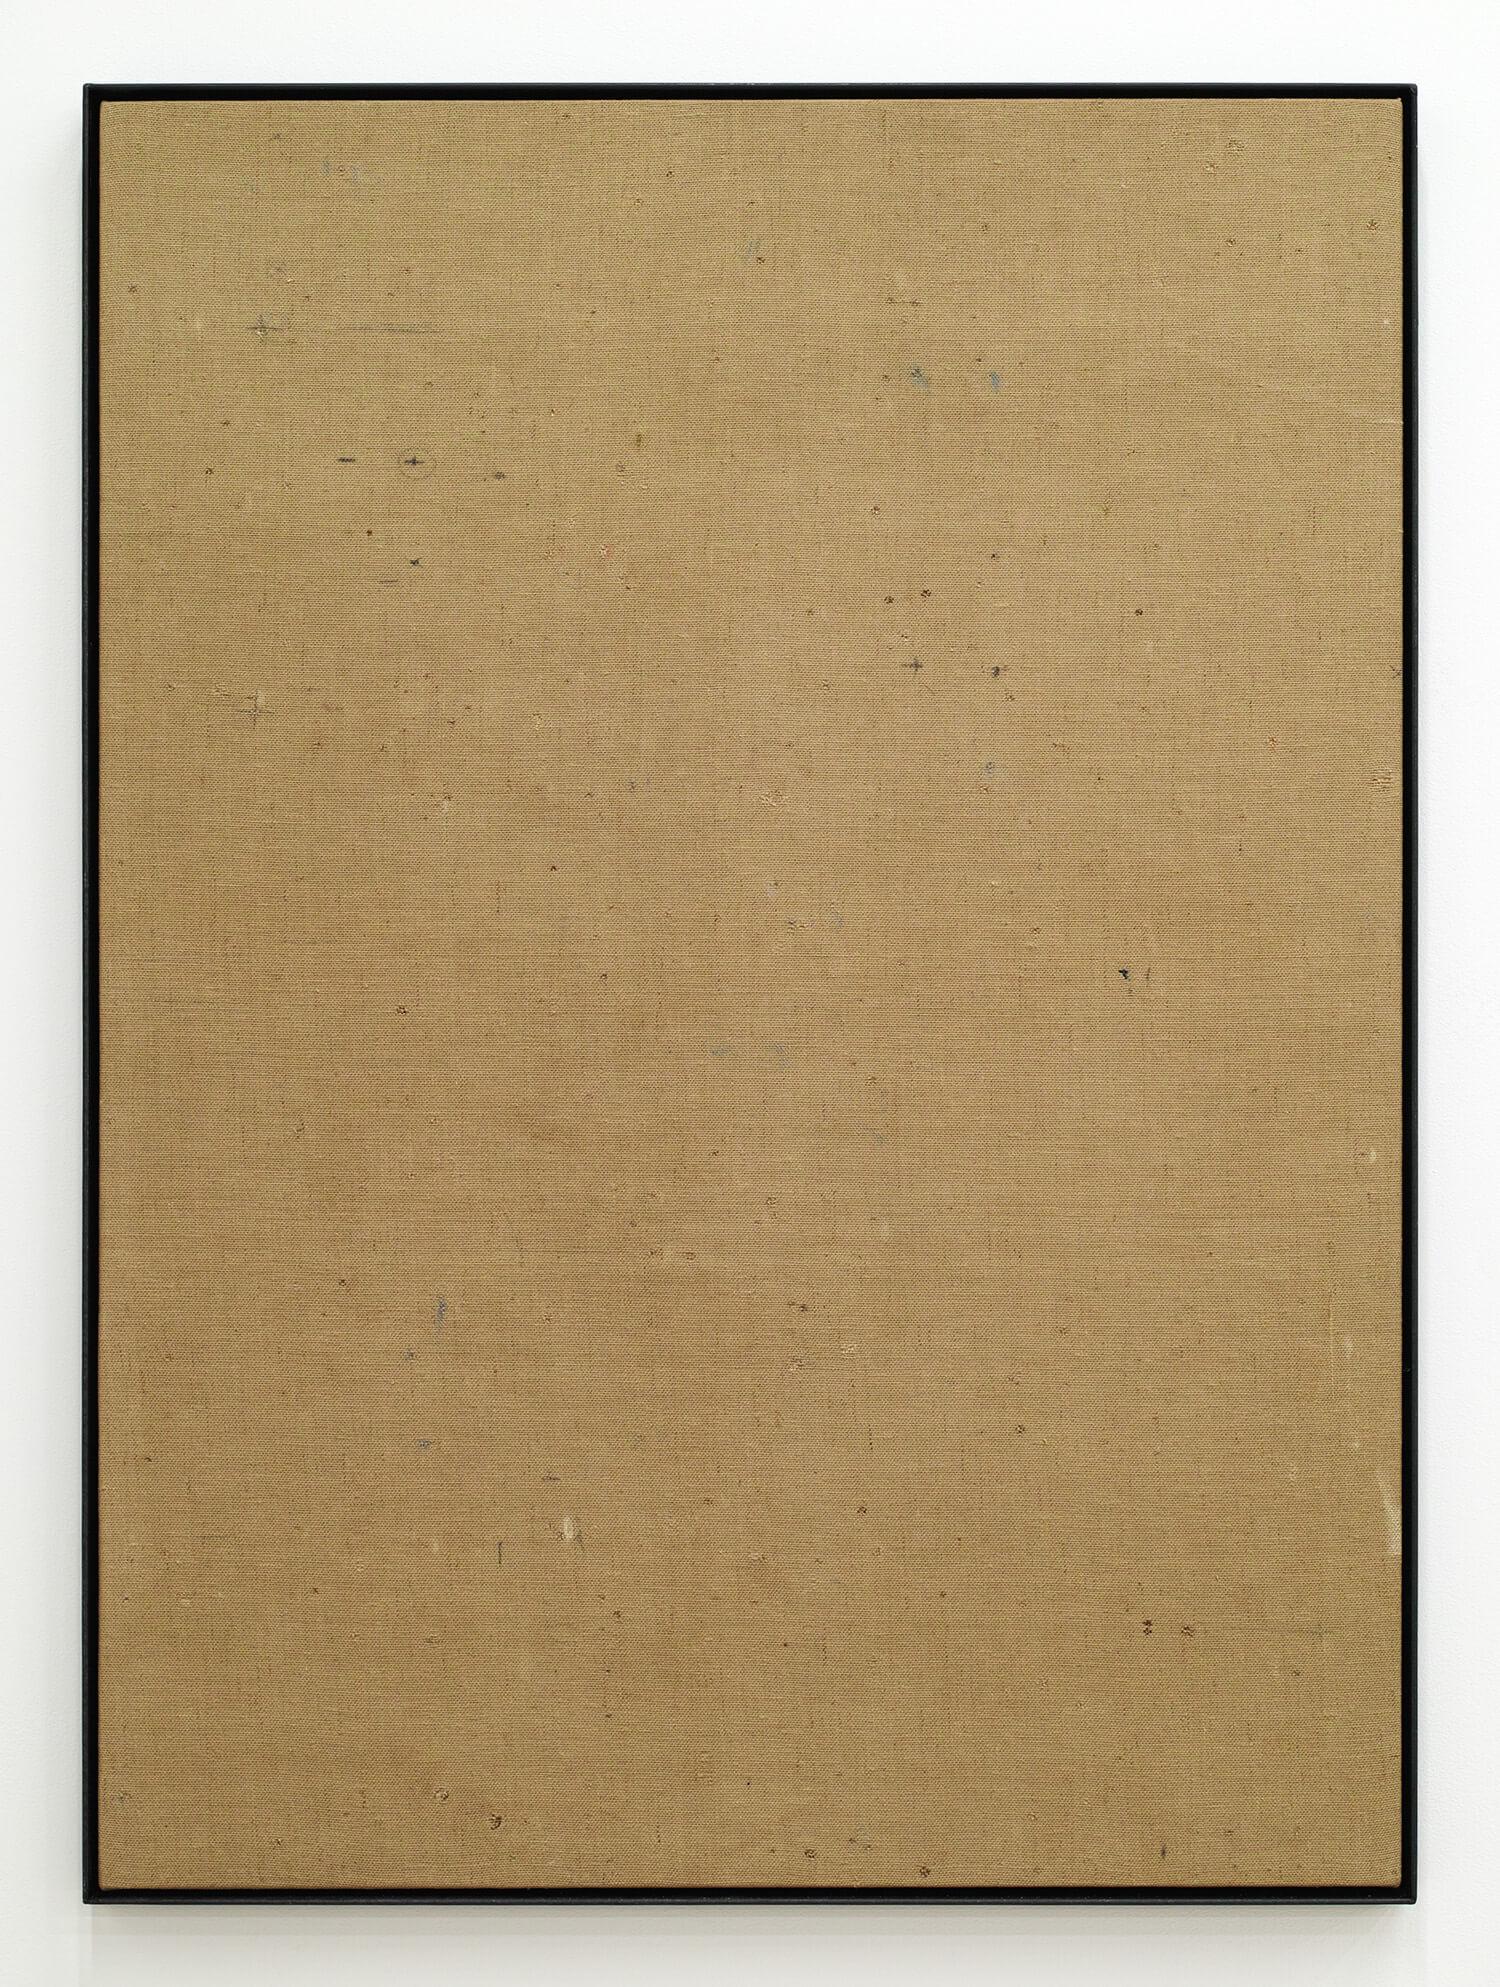 日下部一司 裸眼見麻布(京都市美術館壁布) 鉛筆、チョーク他 745 x 545 mm 2015